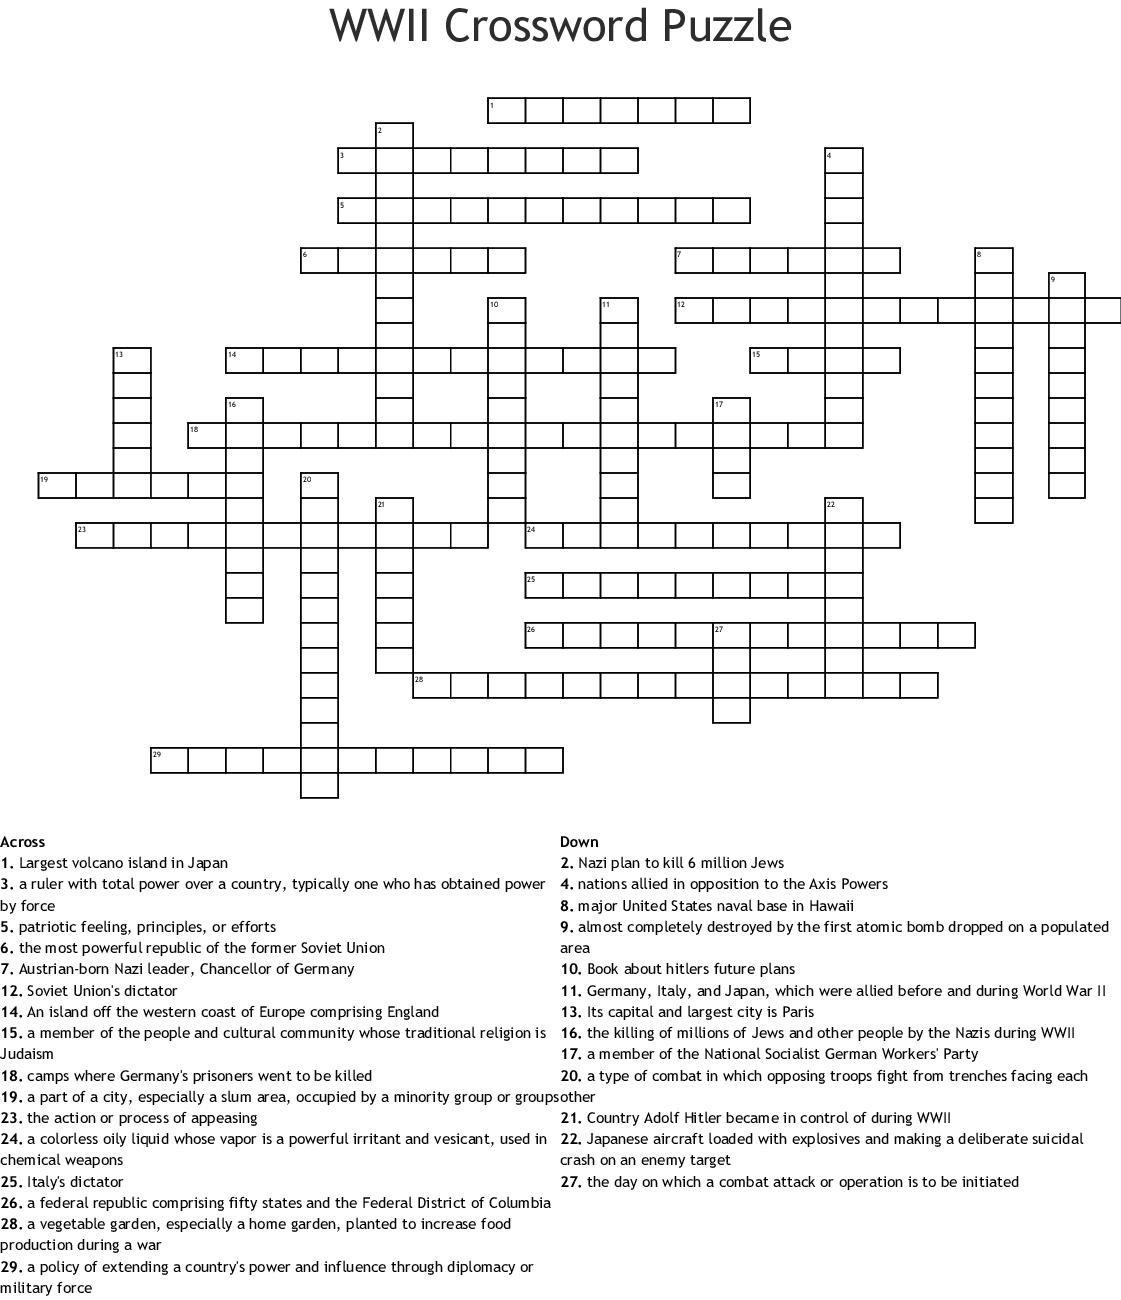 Ww2 Crossword Puzzle